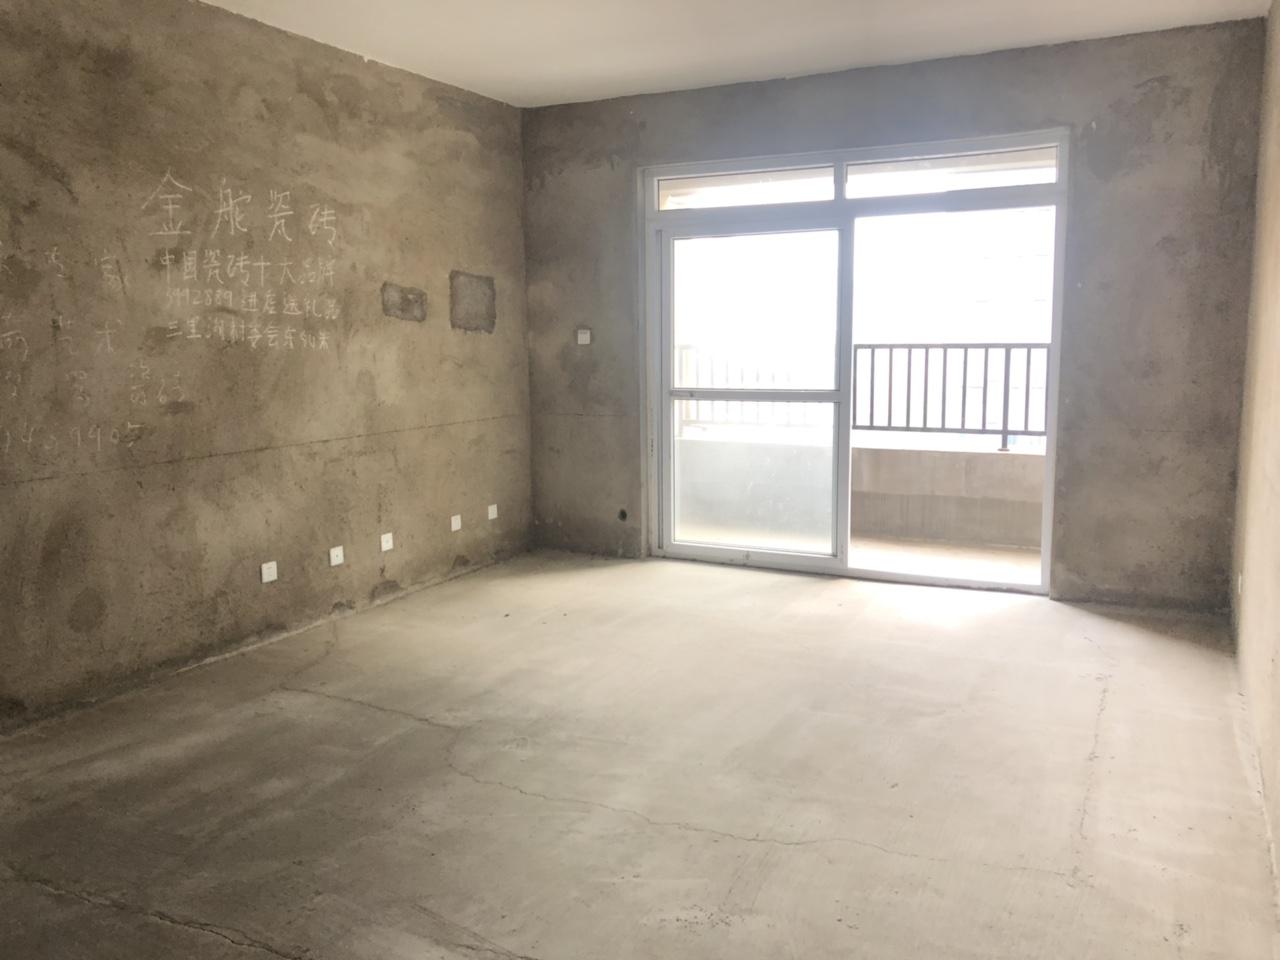 鼎鑫襄御园3室2厅2卫带地下车位